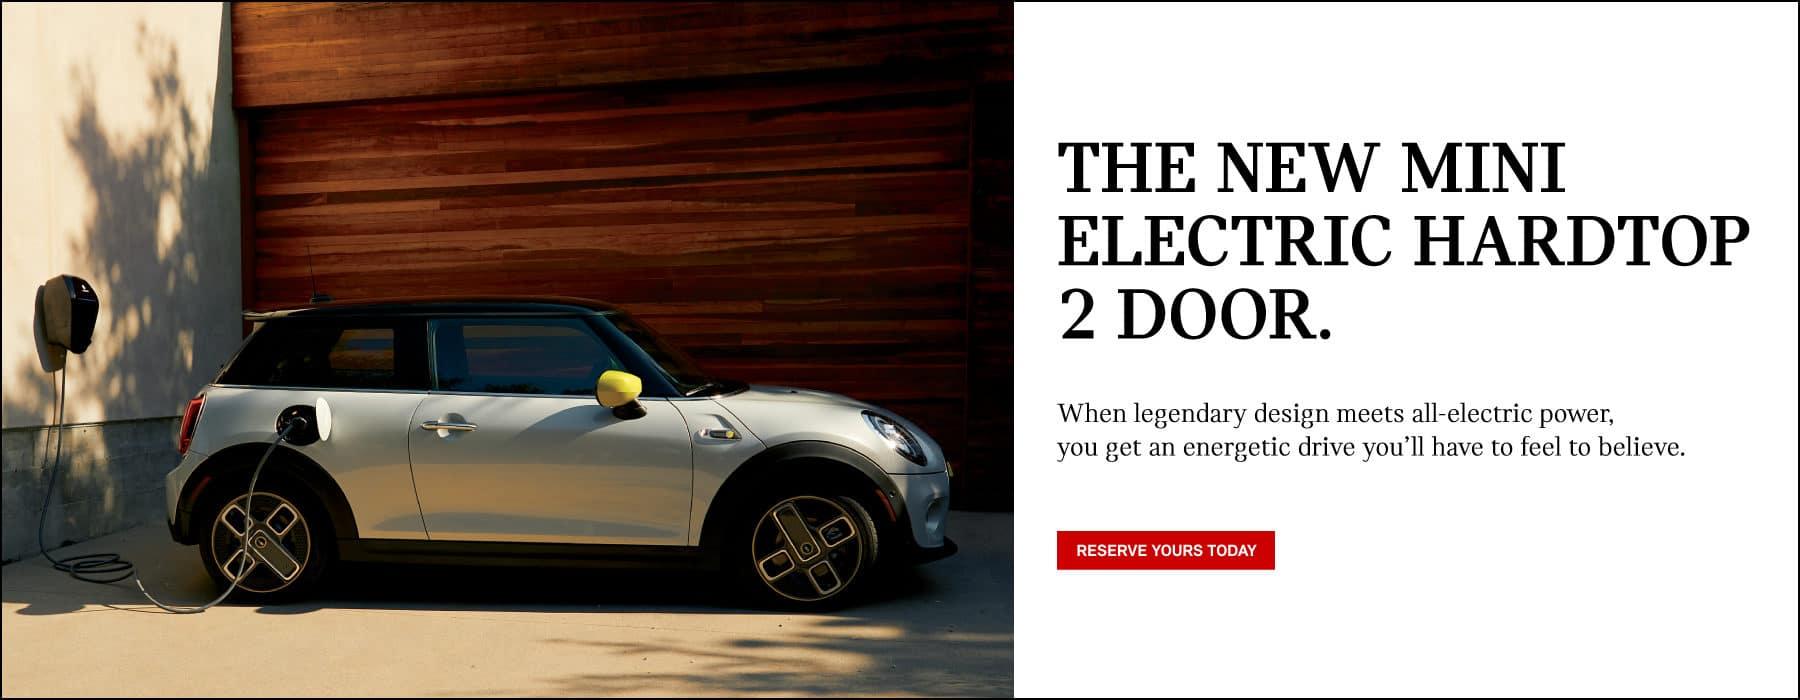 reserve your mini electric hardtop 2 door